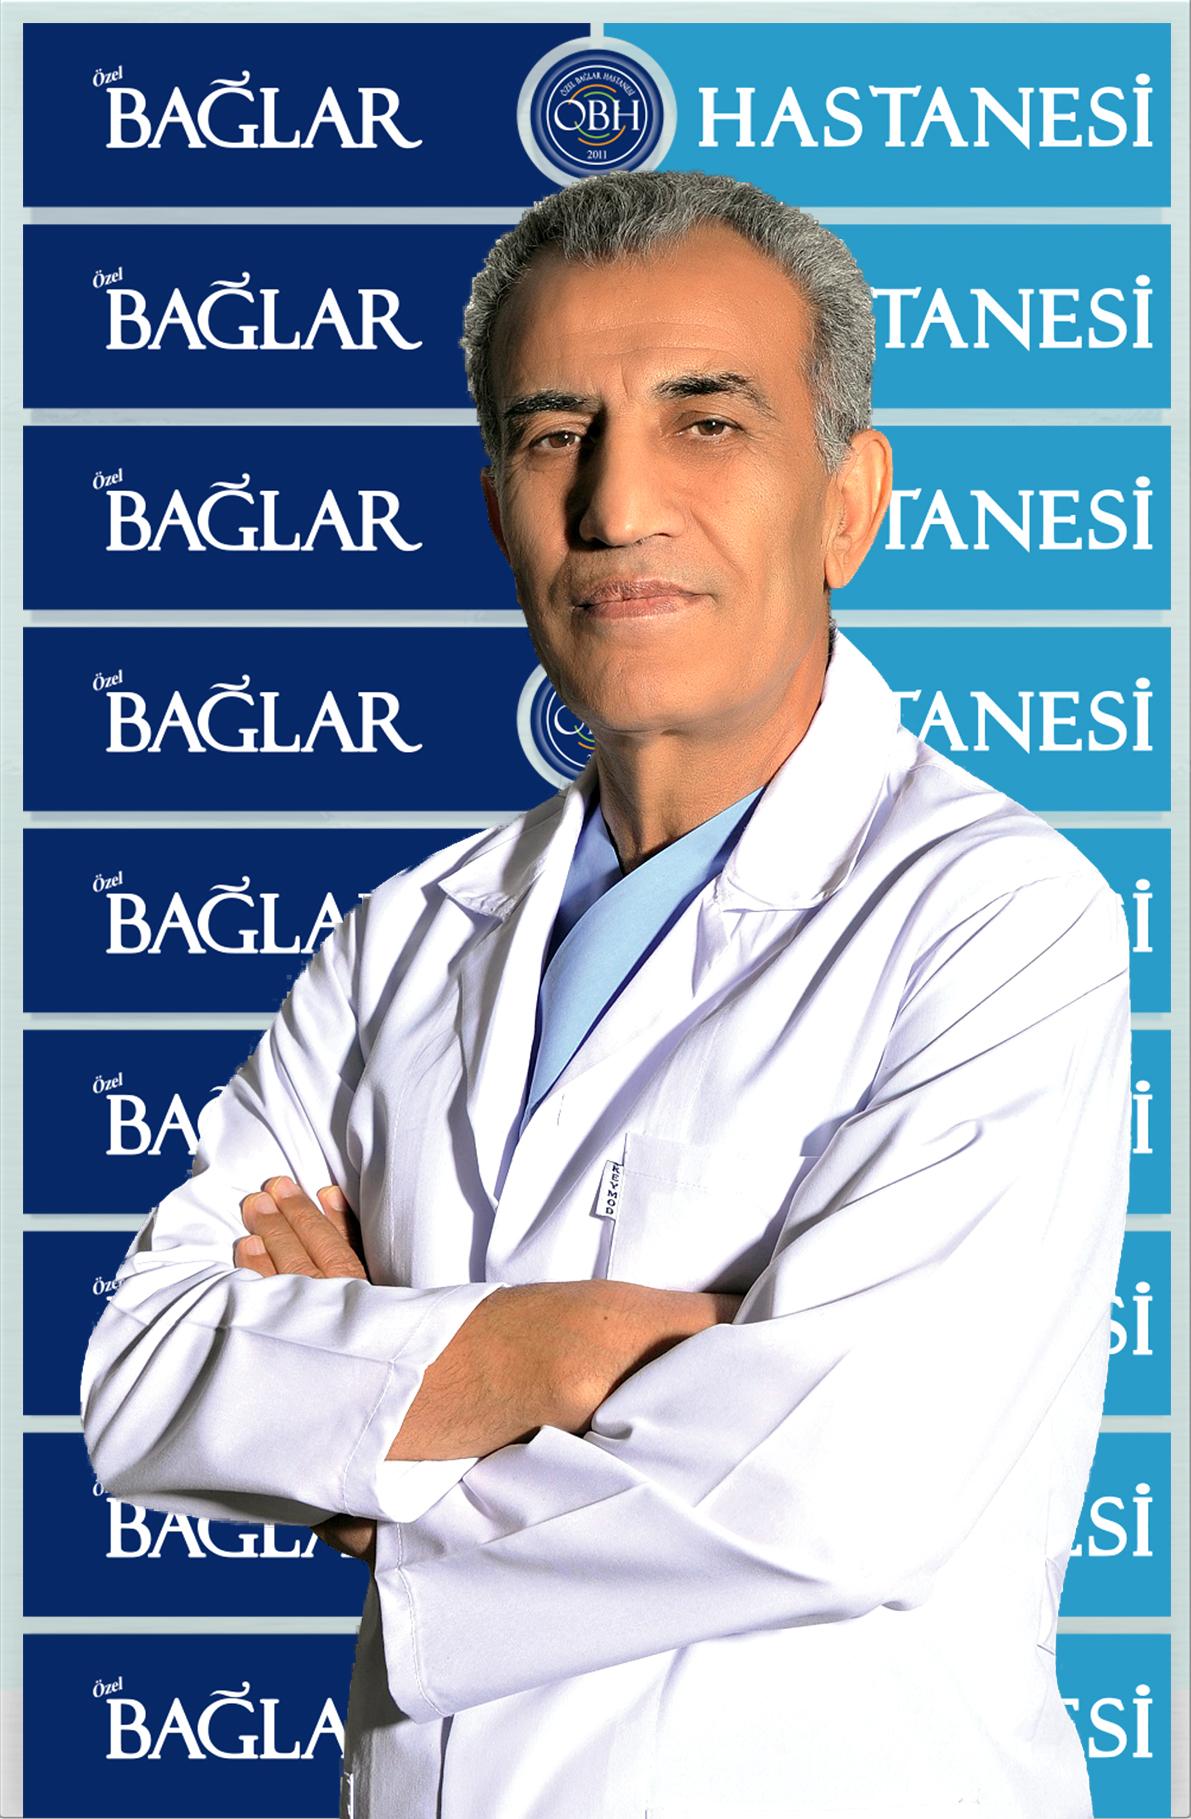 Uzm. Dr. İbrahim Halil Kağar Web